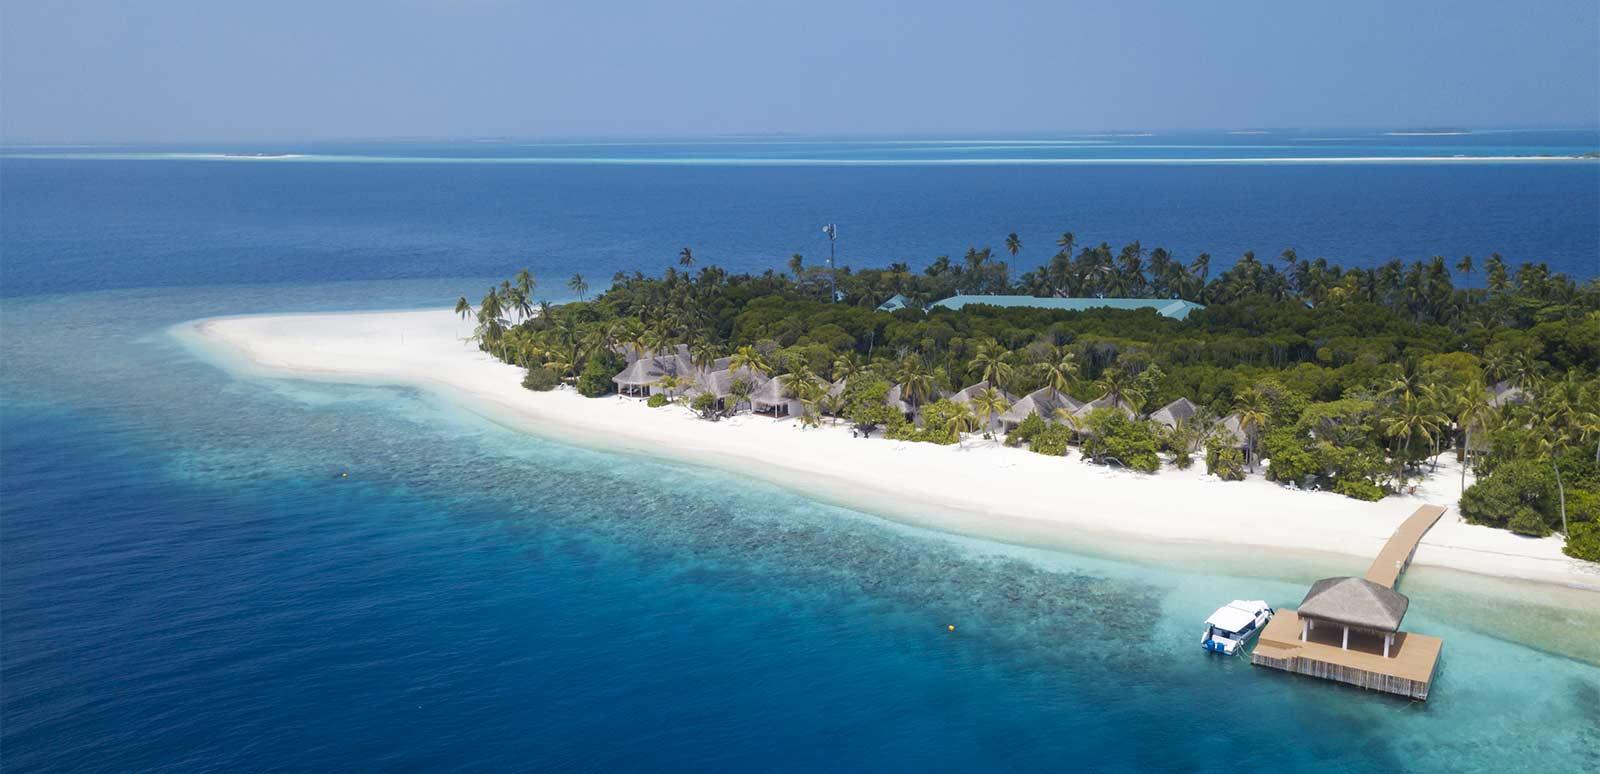 Dreamland Maldive, foto aerea